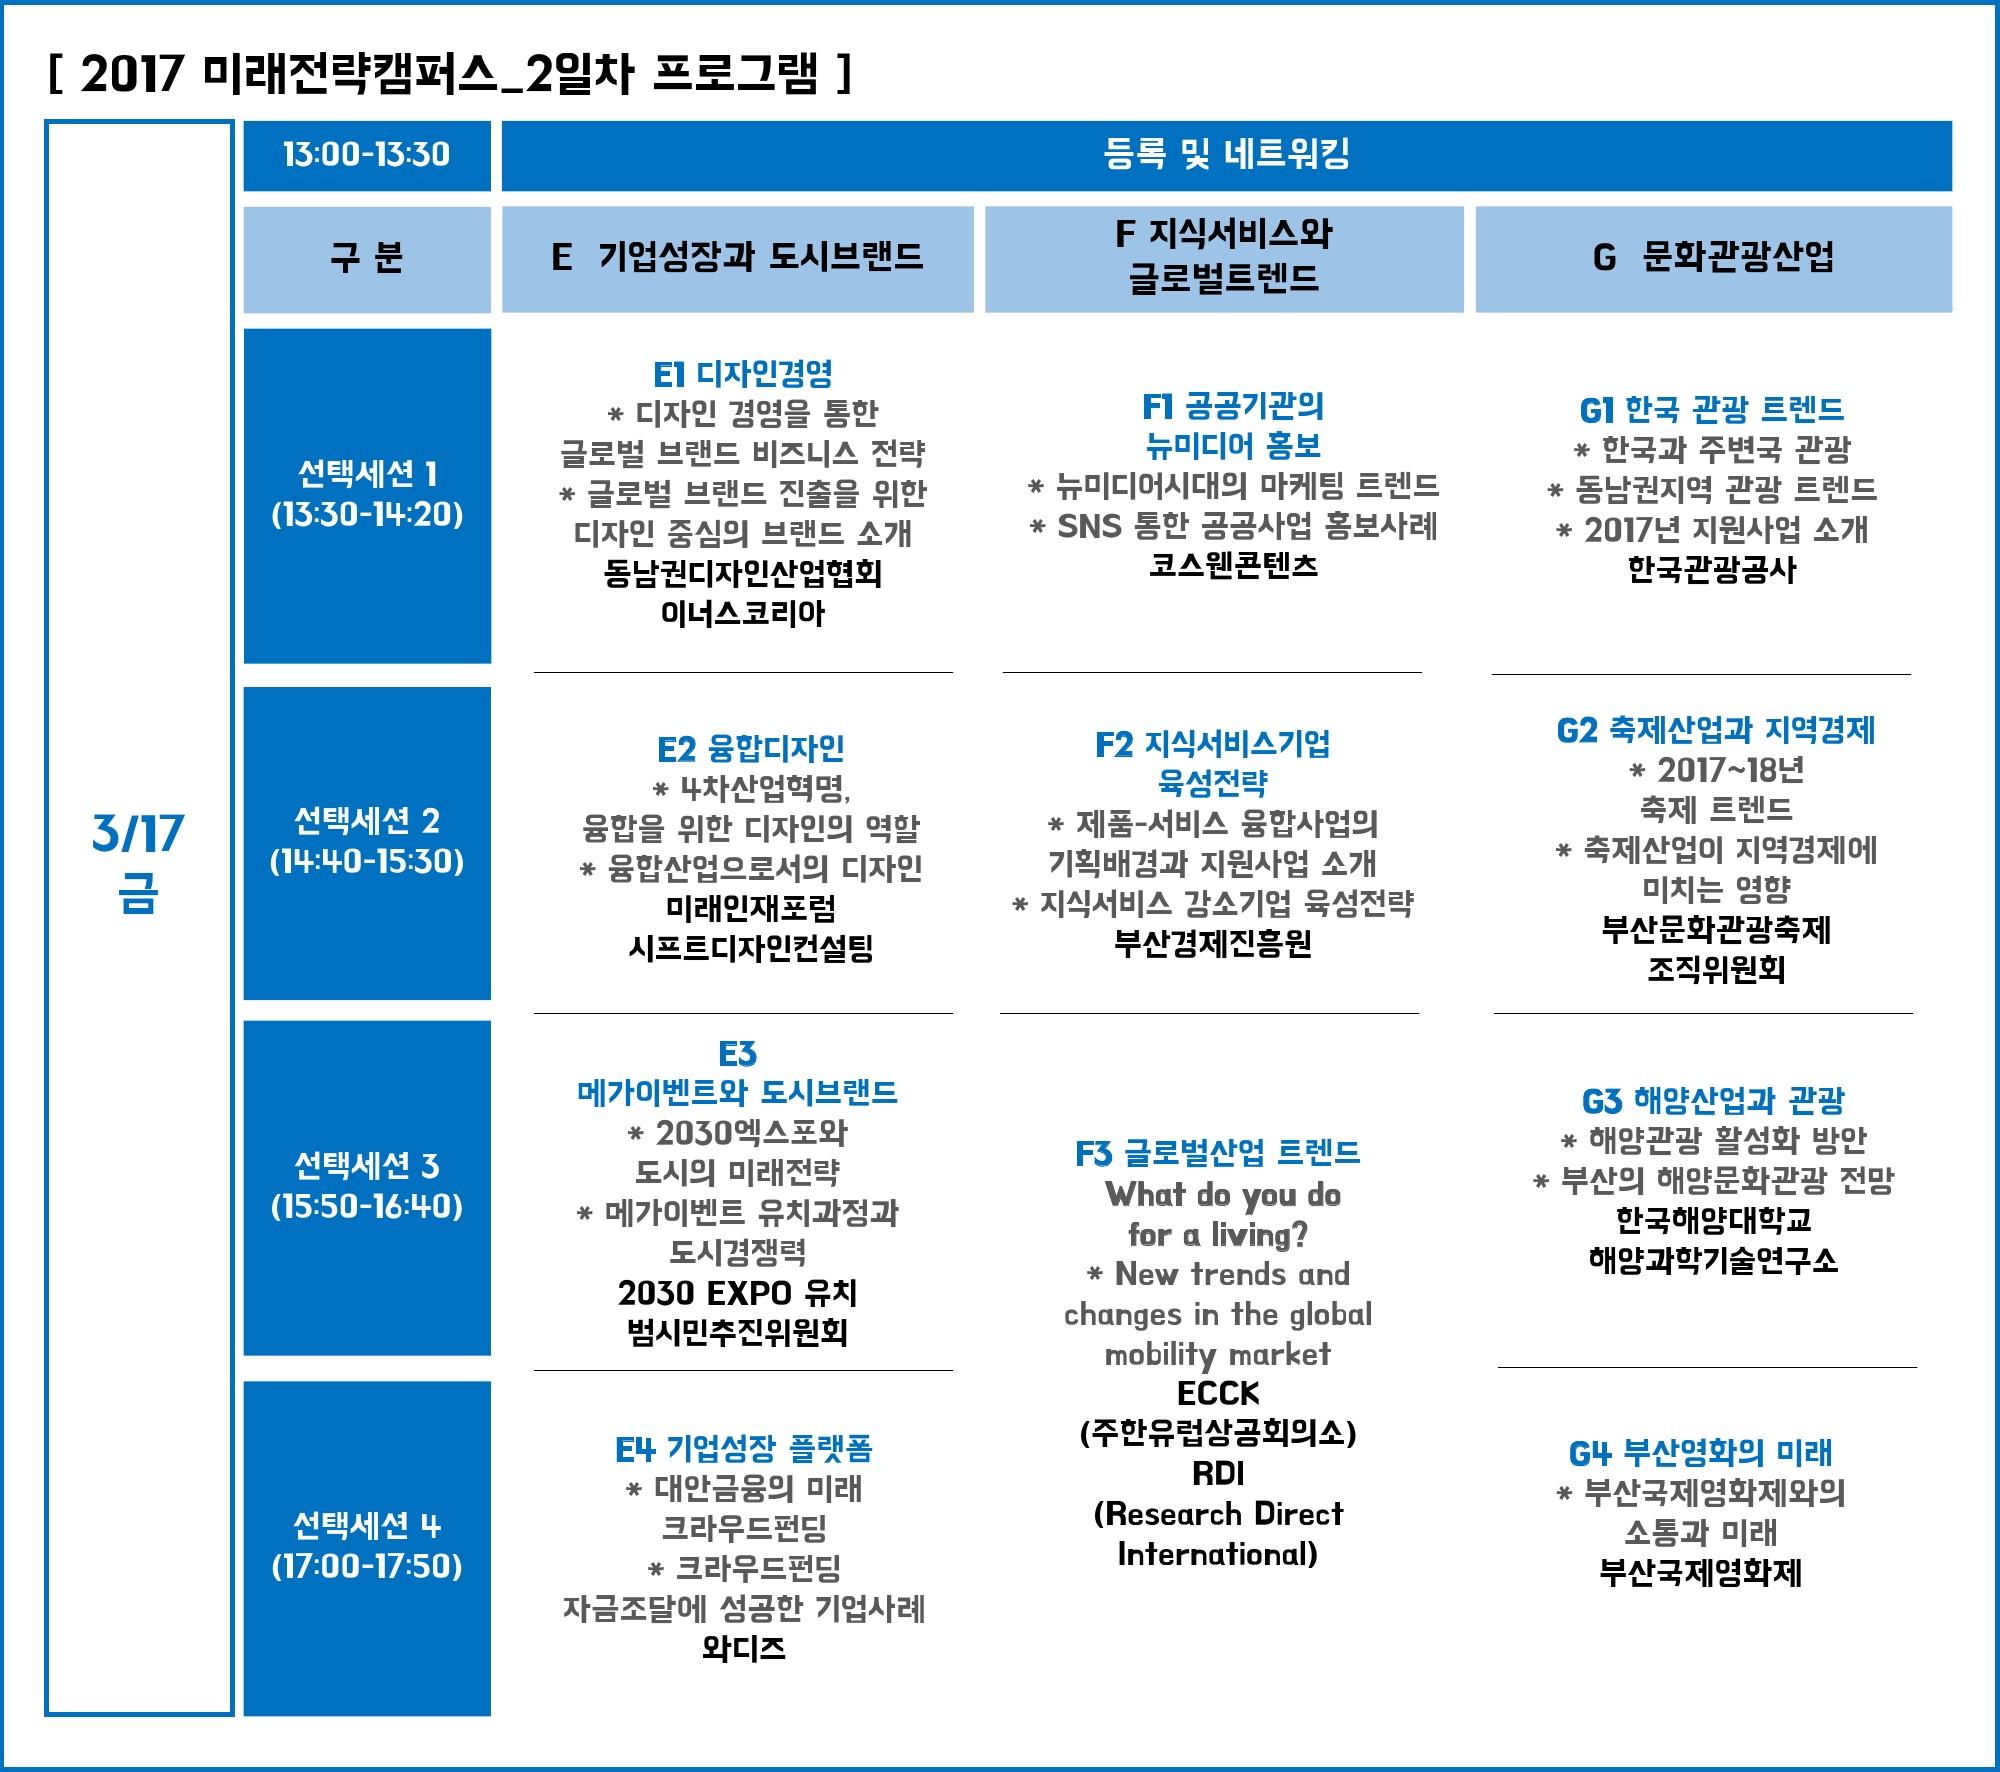 2017 미래전략캠퍼스 개최 알림 이미지2번째